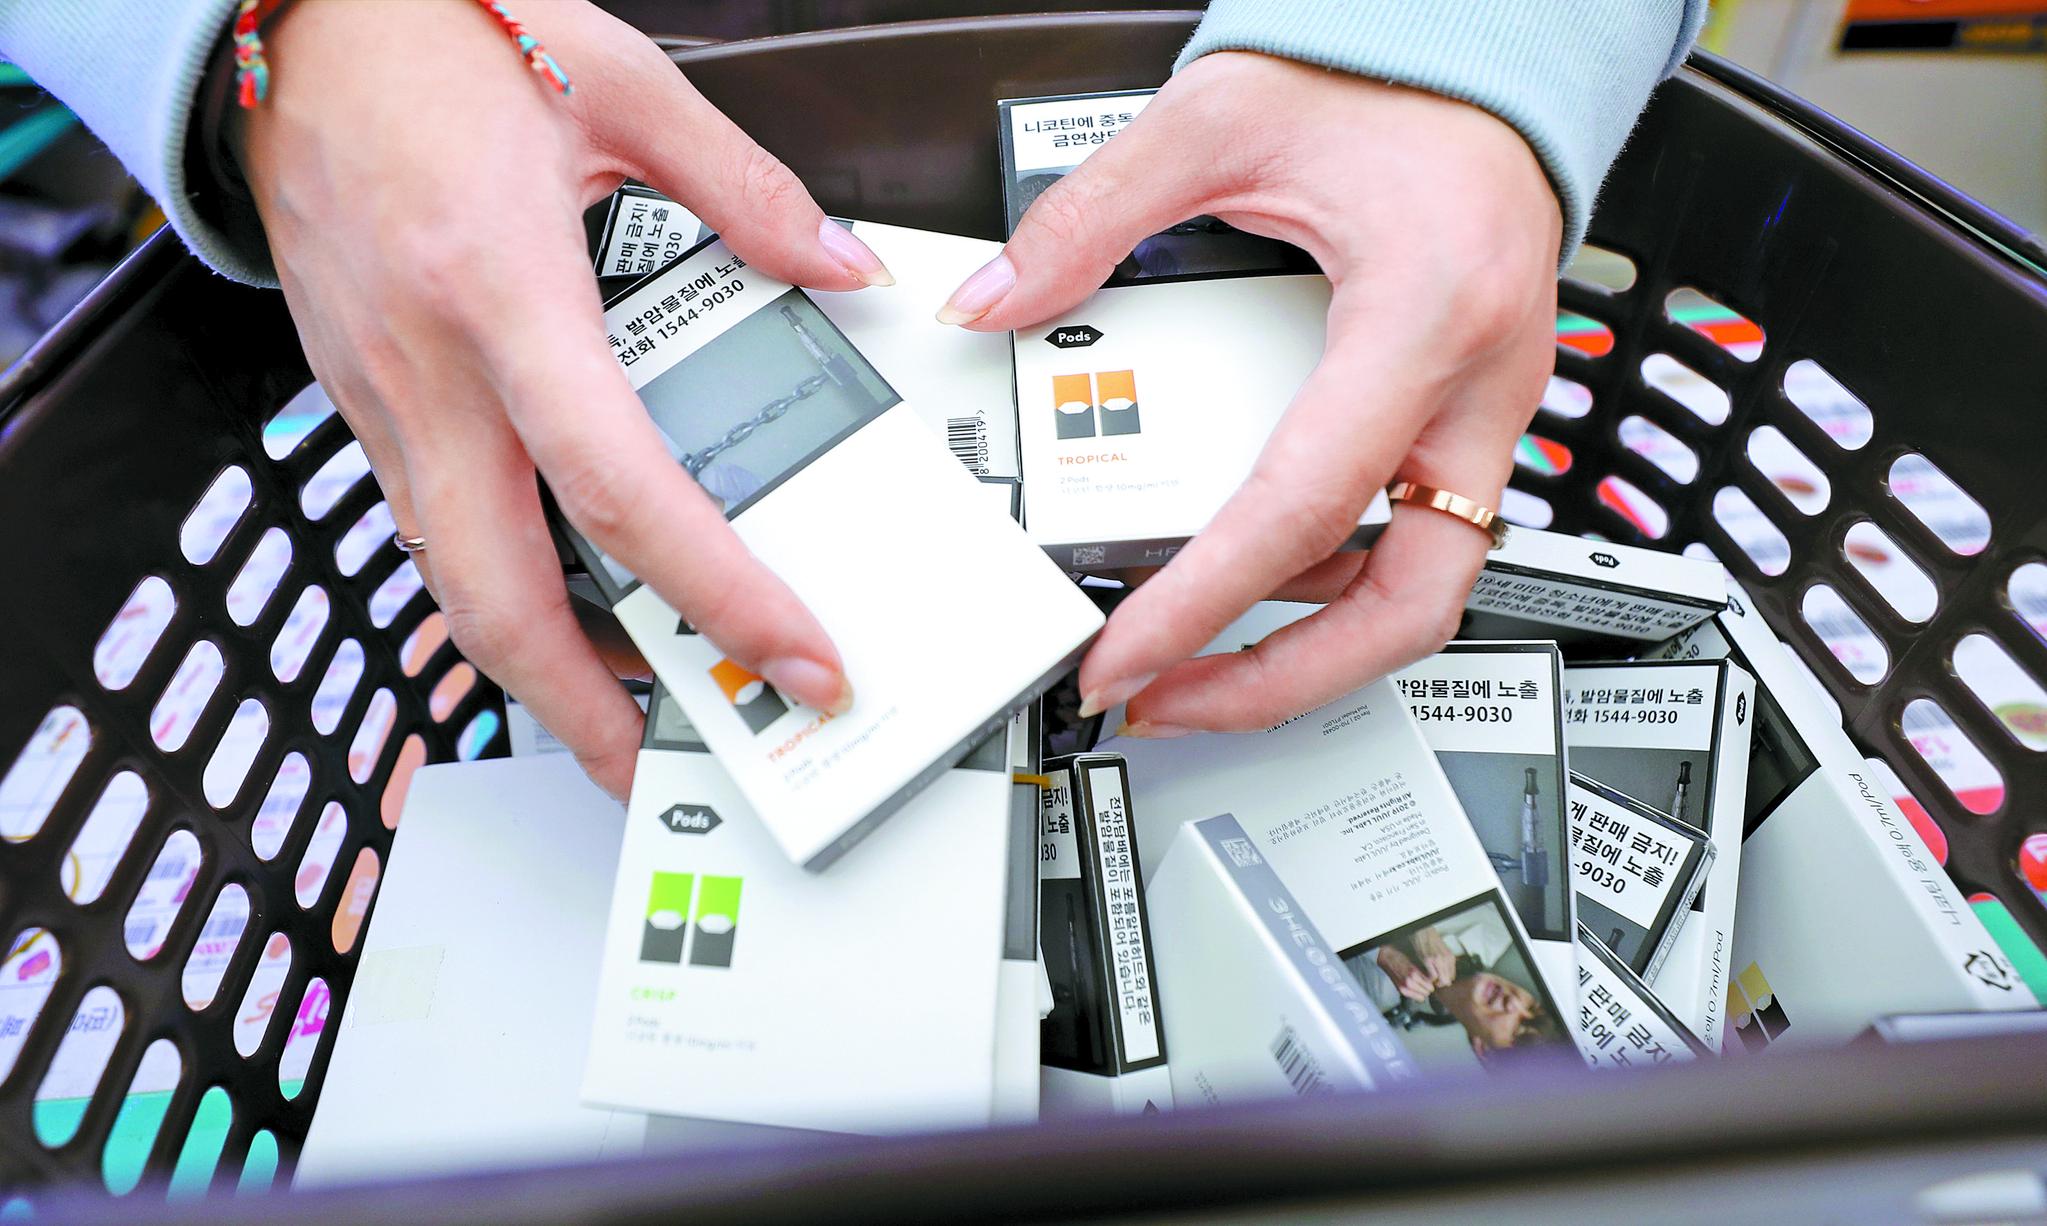 지난 10월 서울 시내 편의점 GS25에서 점원이 판매중단된 가향 액상형 전자담배를 수거하고 있다. [연합뉴스]